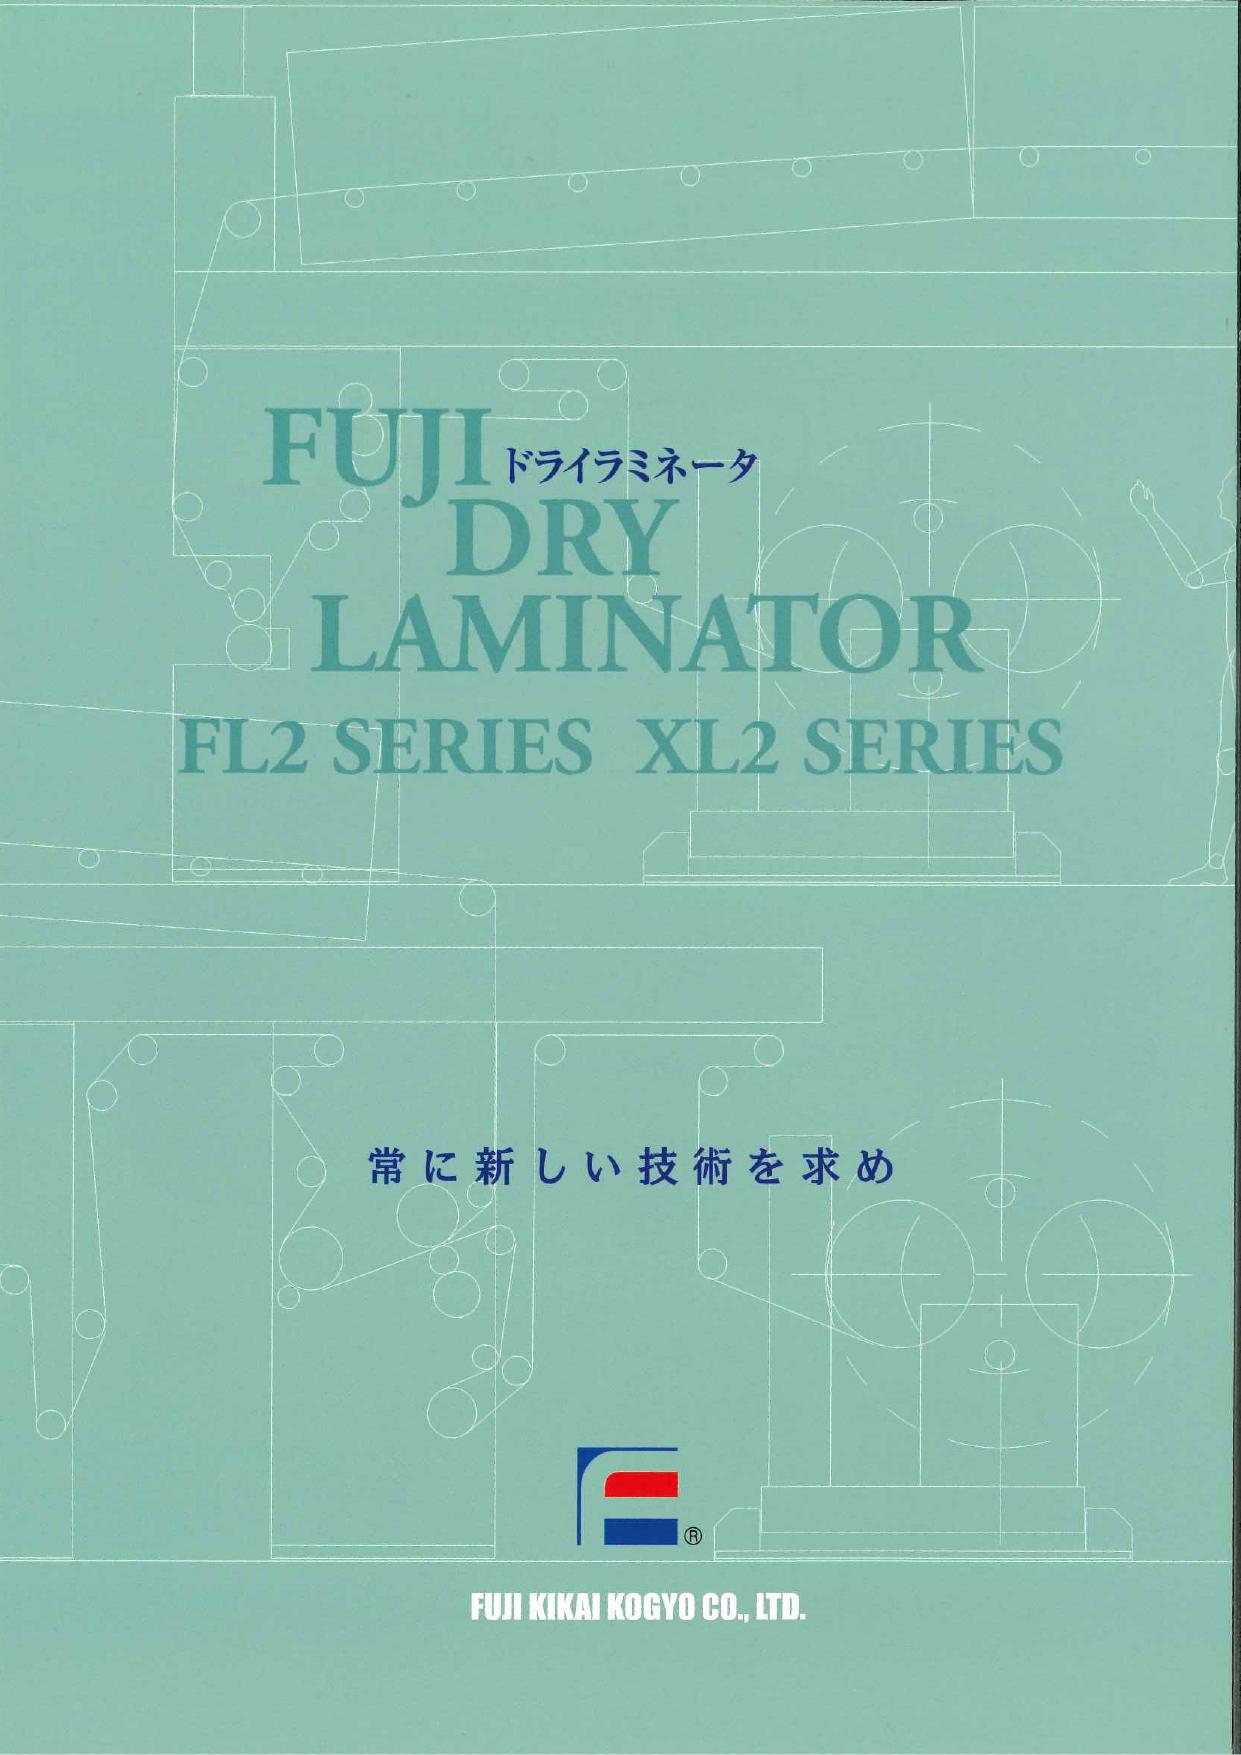 ドライラミネーター FL2シリーズ